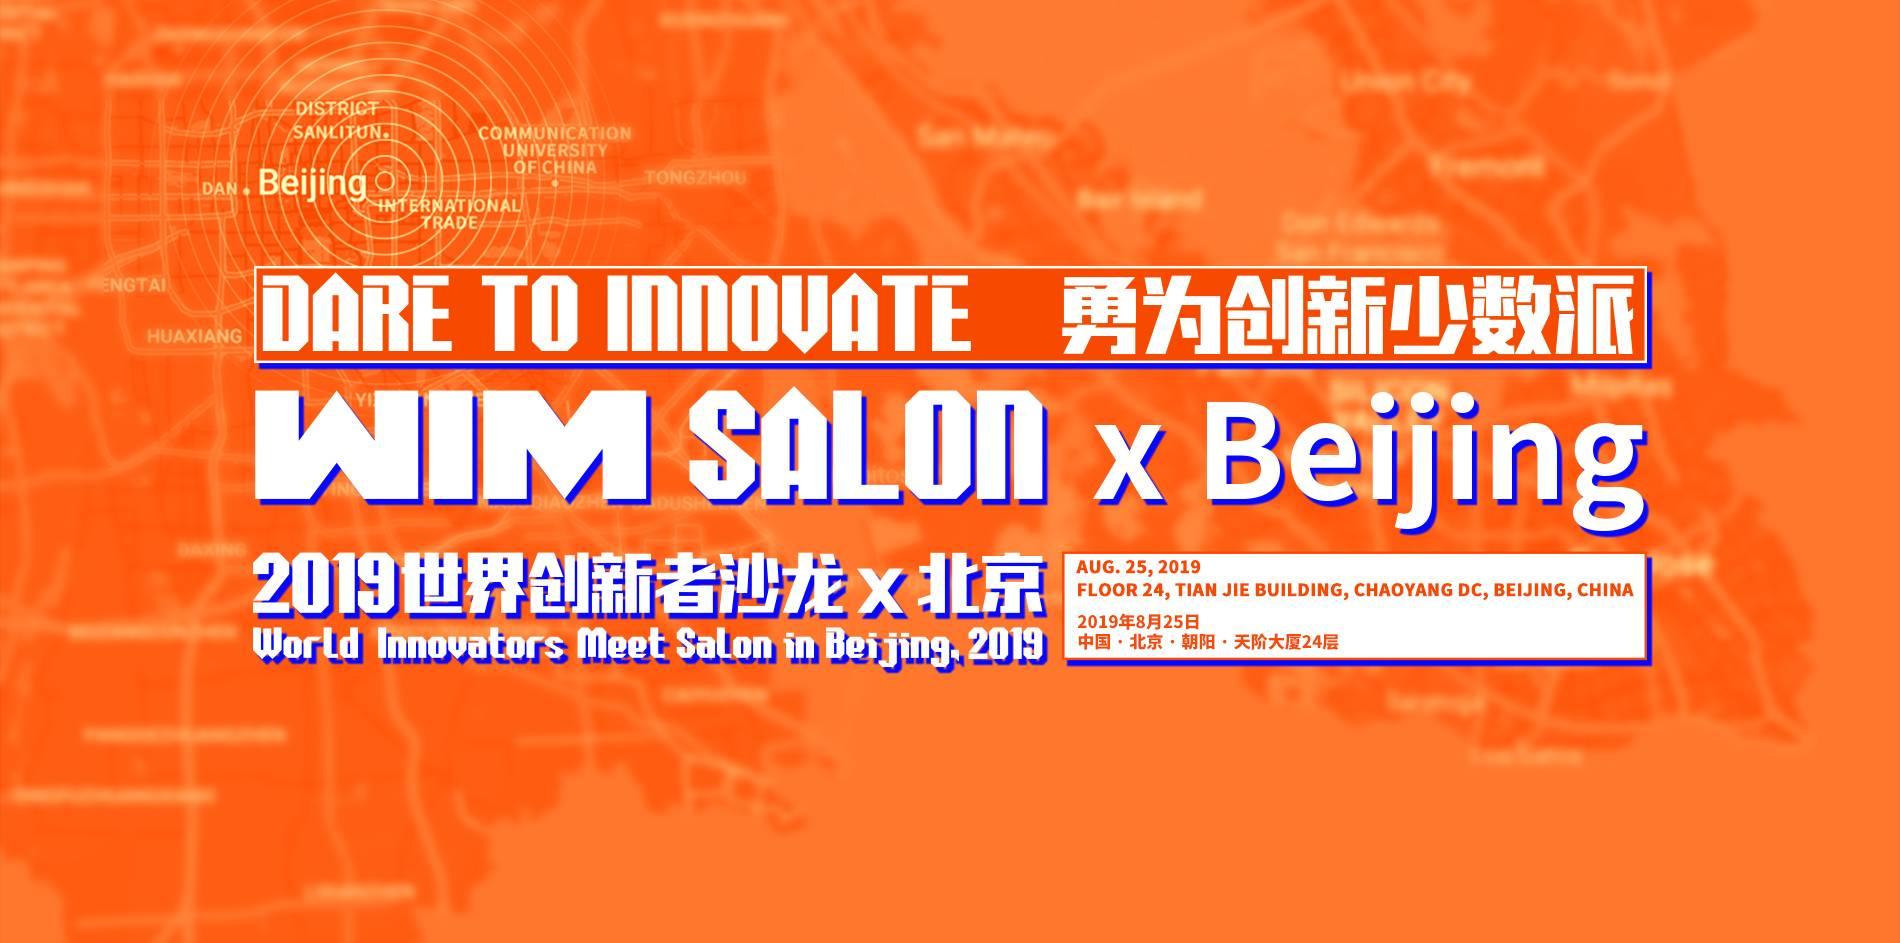 【活动】世界创新者沙龙 x 北京-亿欧